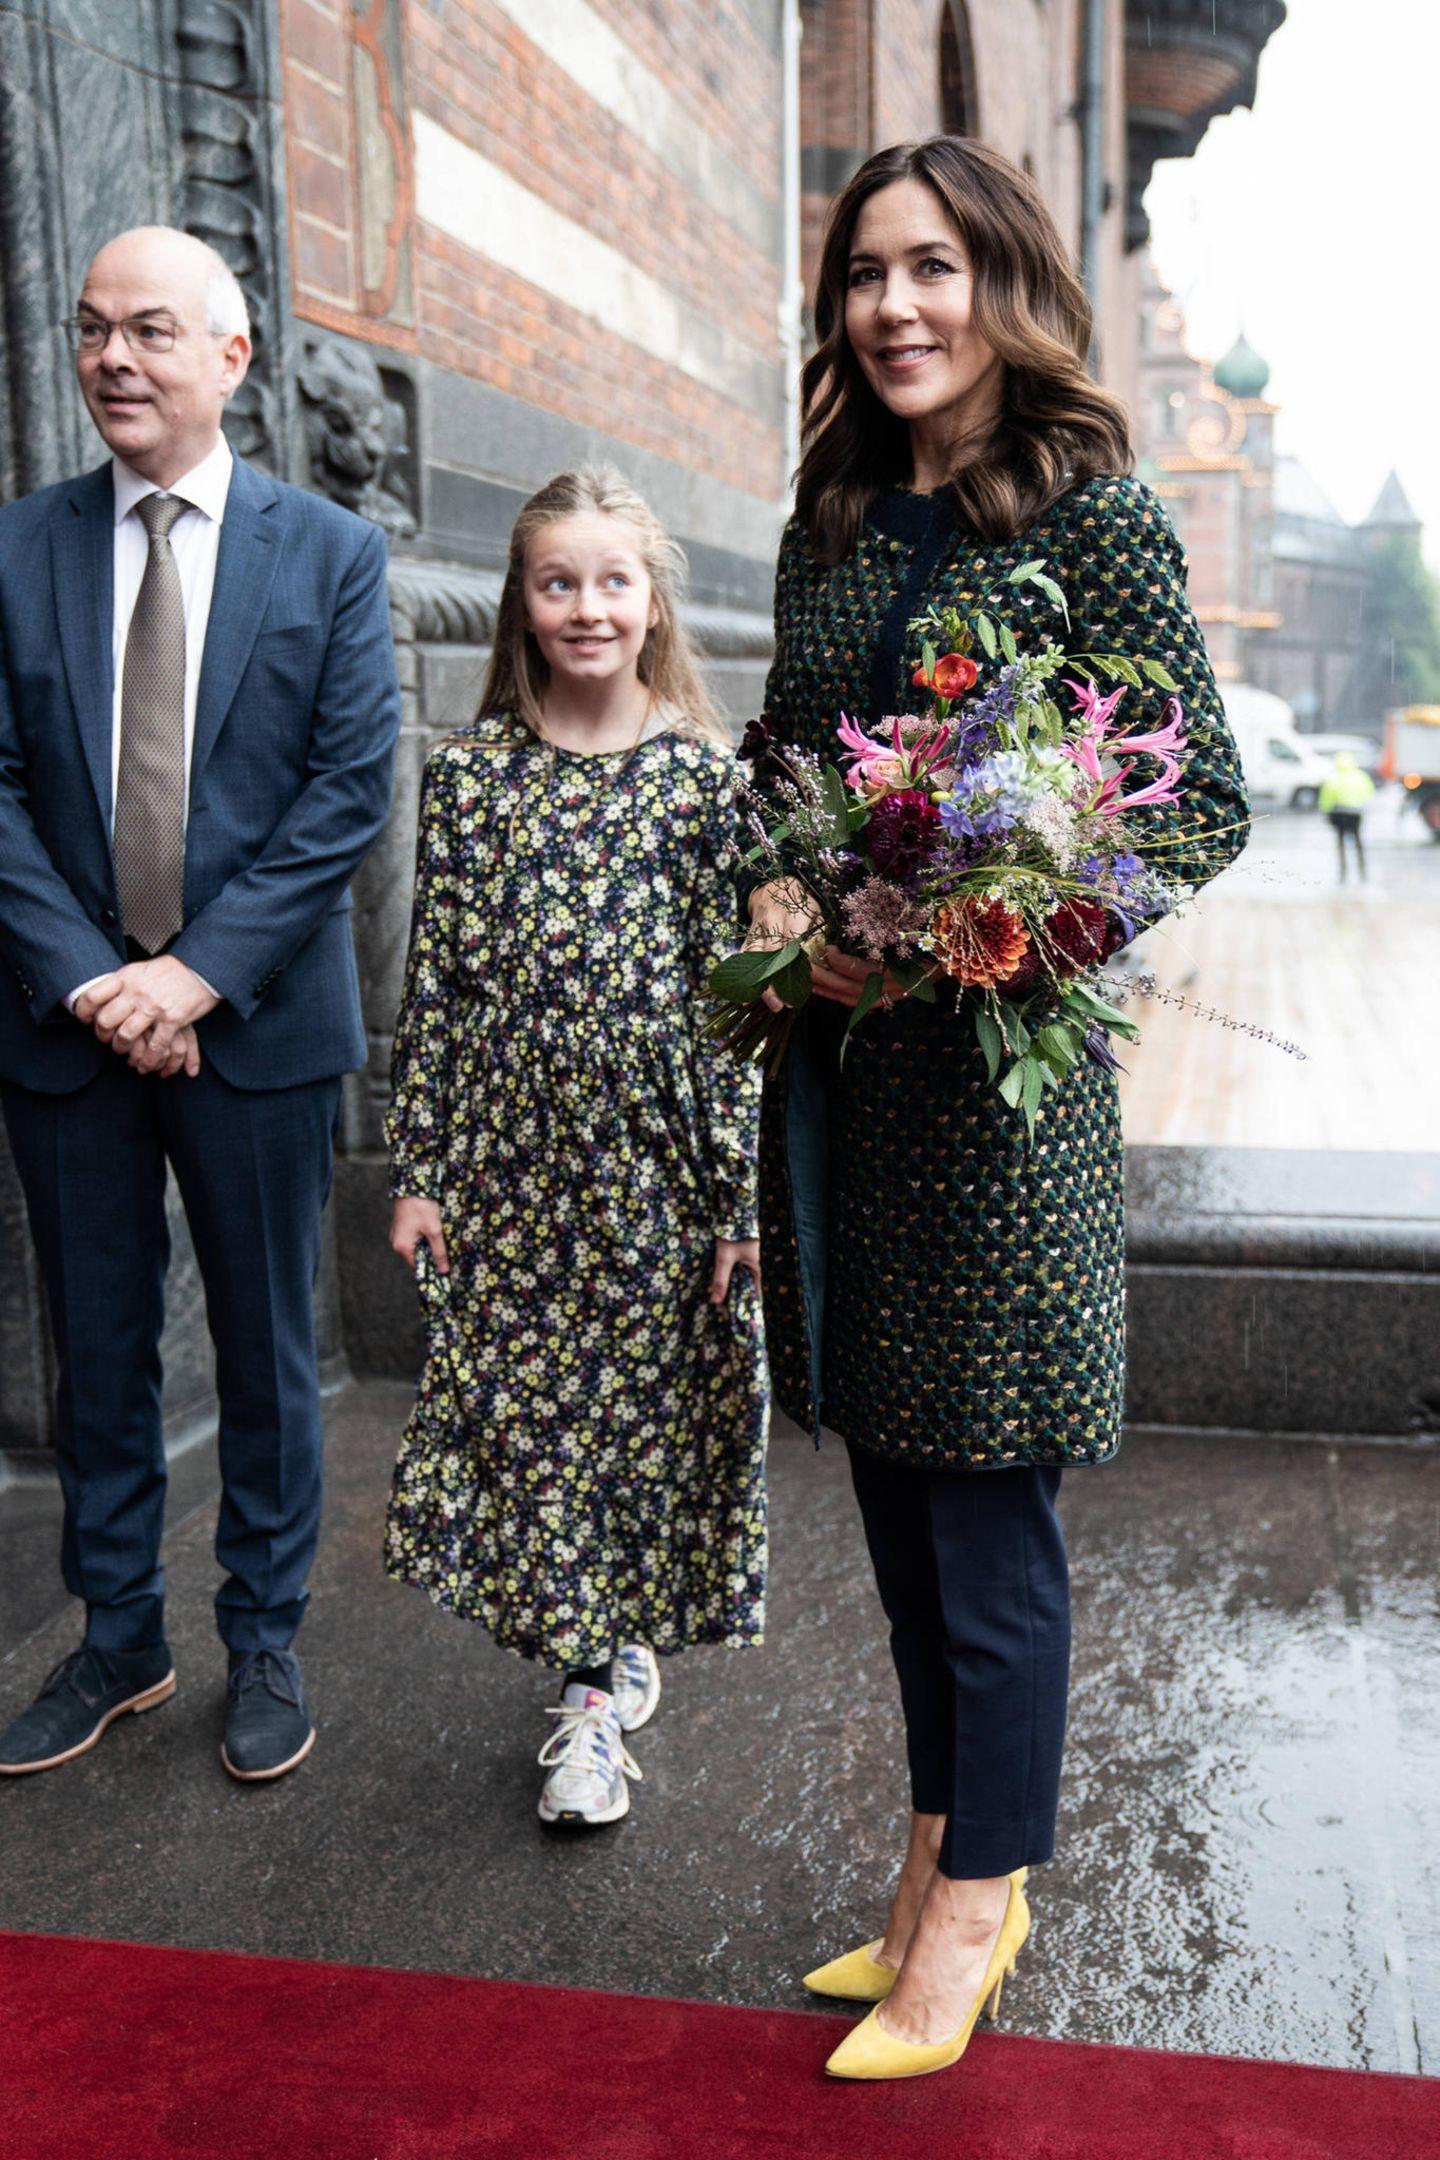 Der Look von Mary begeistert nicht nur das junge Mädchen: Die Kronprinzessin zeigt sich in einem geblümten Mantel von Prada. Dazu trägt sie eine dunkle Hose und senfgelbe Pumps.